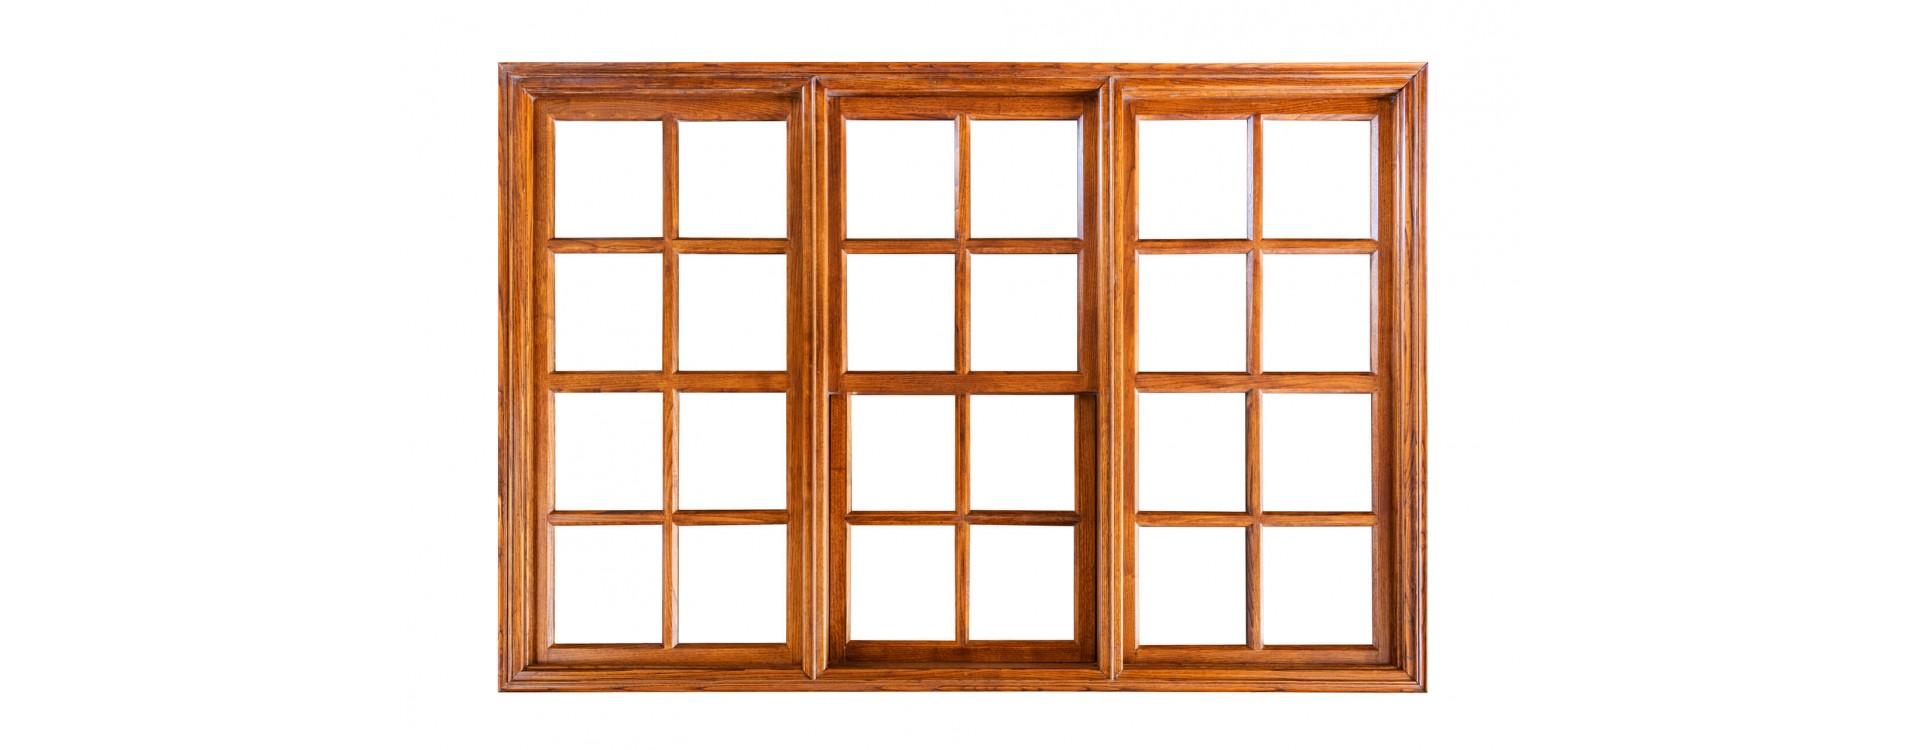 Profilo fermavetro in legno: perché e come utilizzarlo per finestre e porte interne